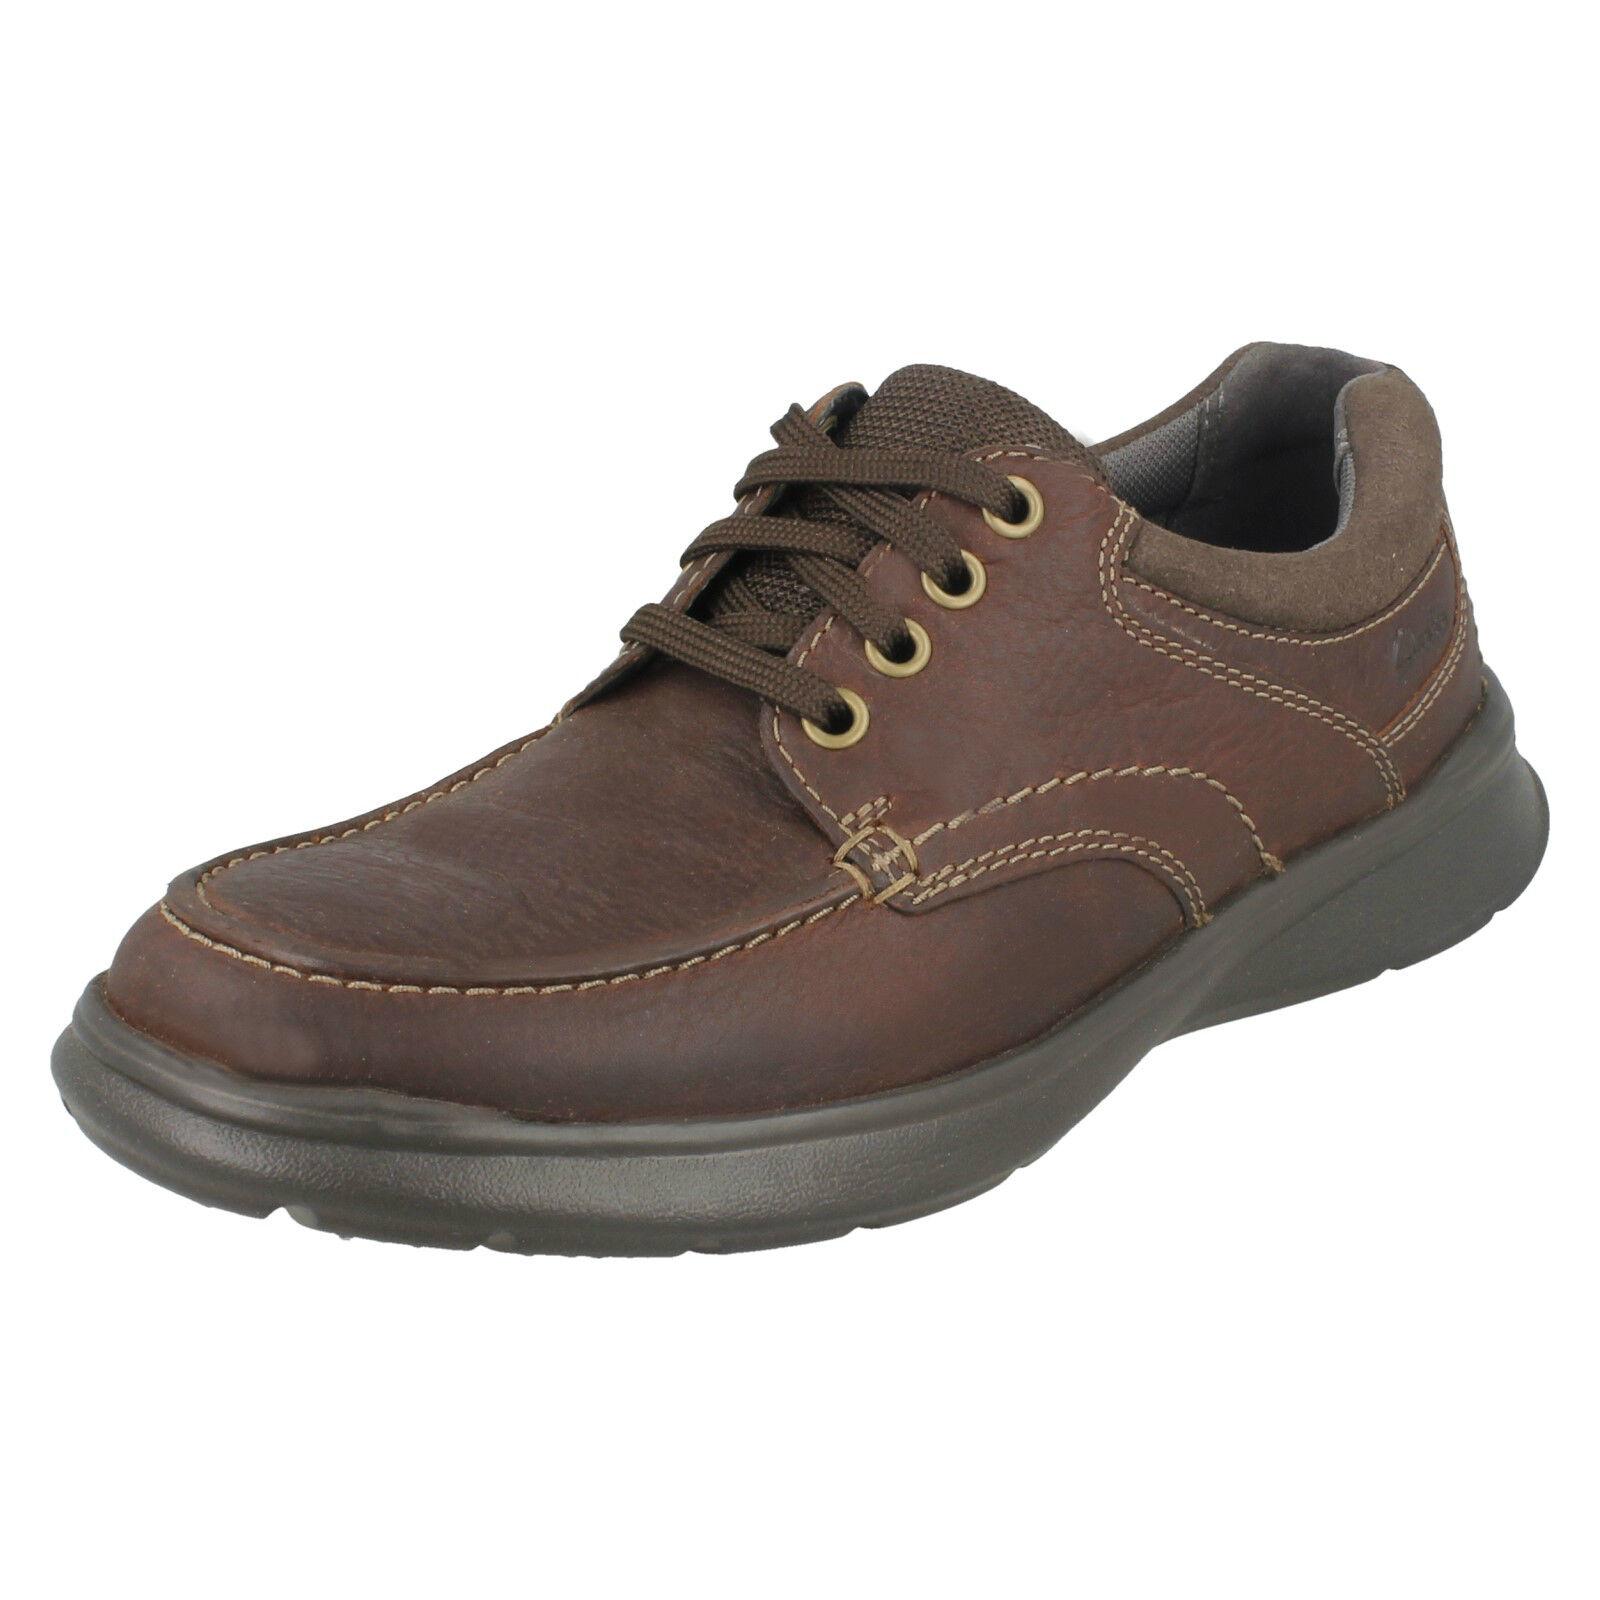 Clarks'Cotrell  Edge 'Men's Marronee Oiled Leather Lace Up scarpe G Fit  prodotti creativi